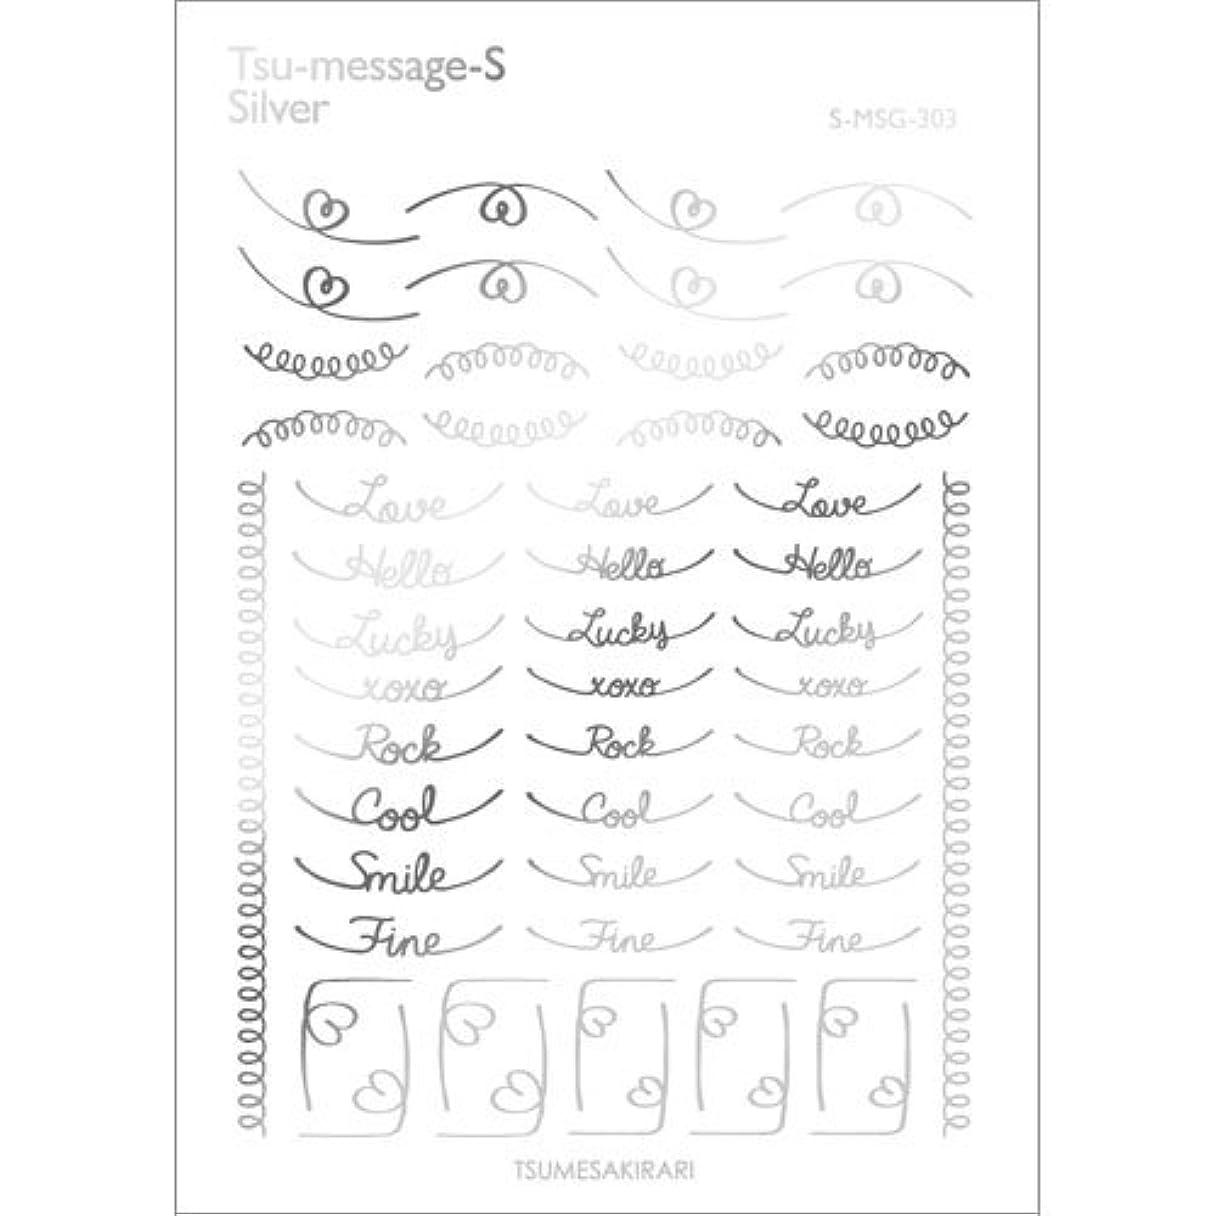 我慢するデュアル協会ツメキラ ネイル用シール スタンダードスタイル ツメッセージ シルバー